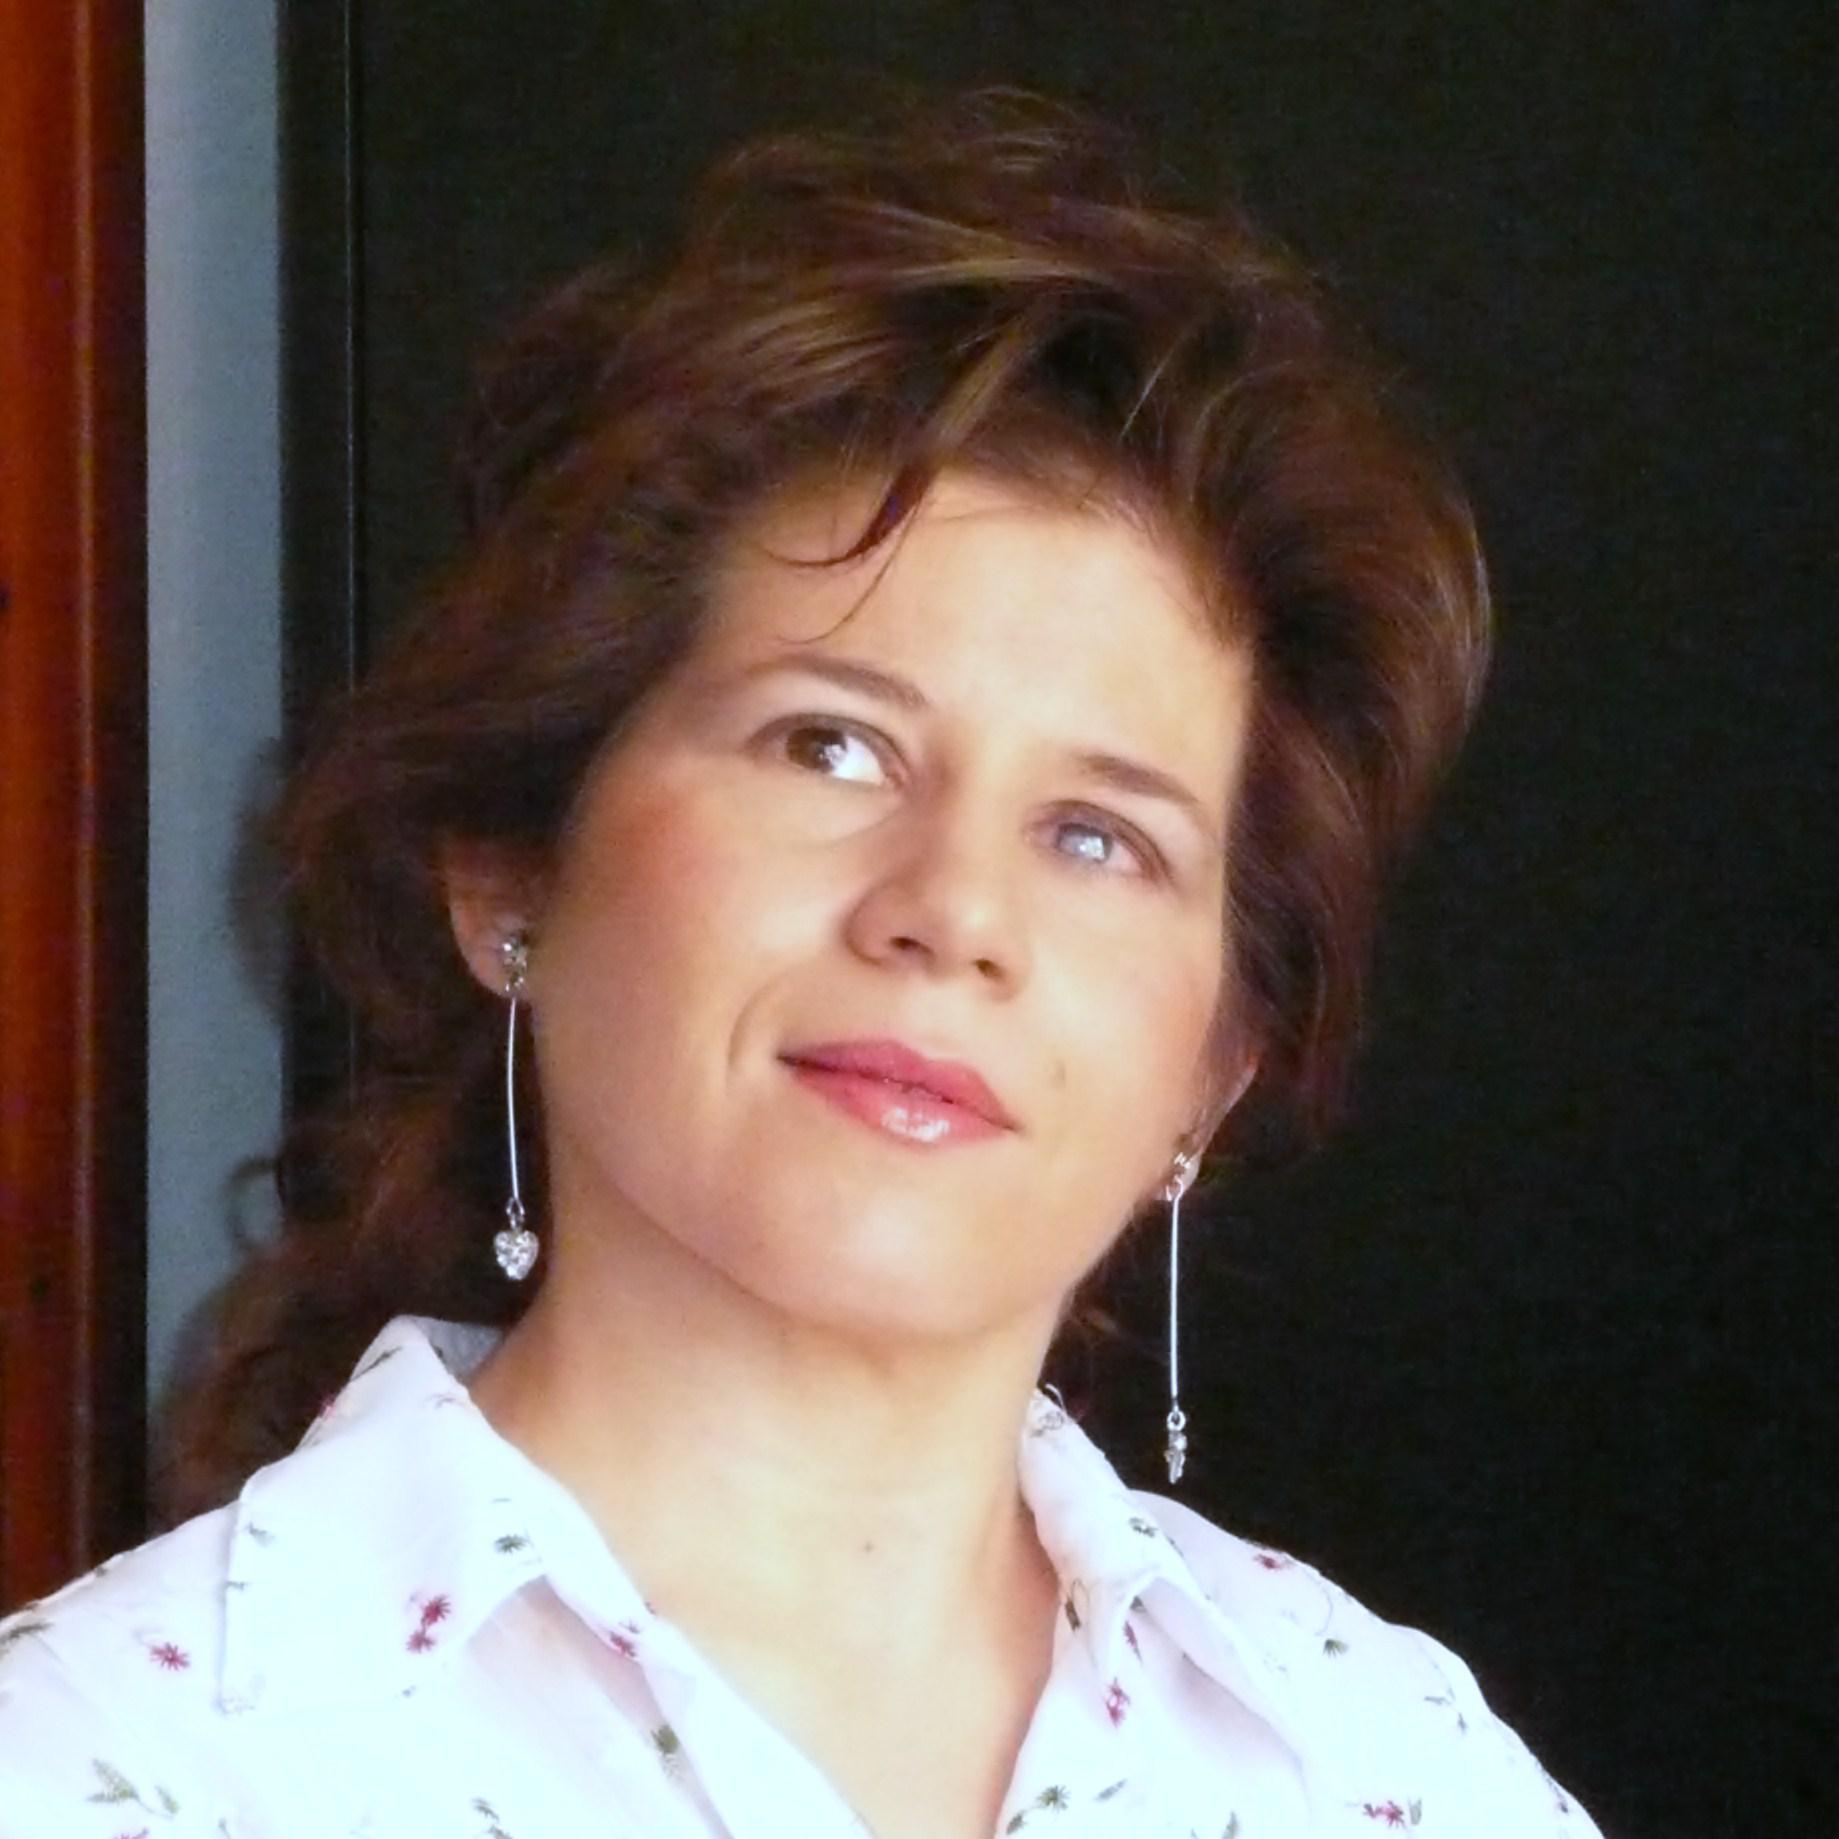 María Concepción Darijo Frontera